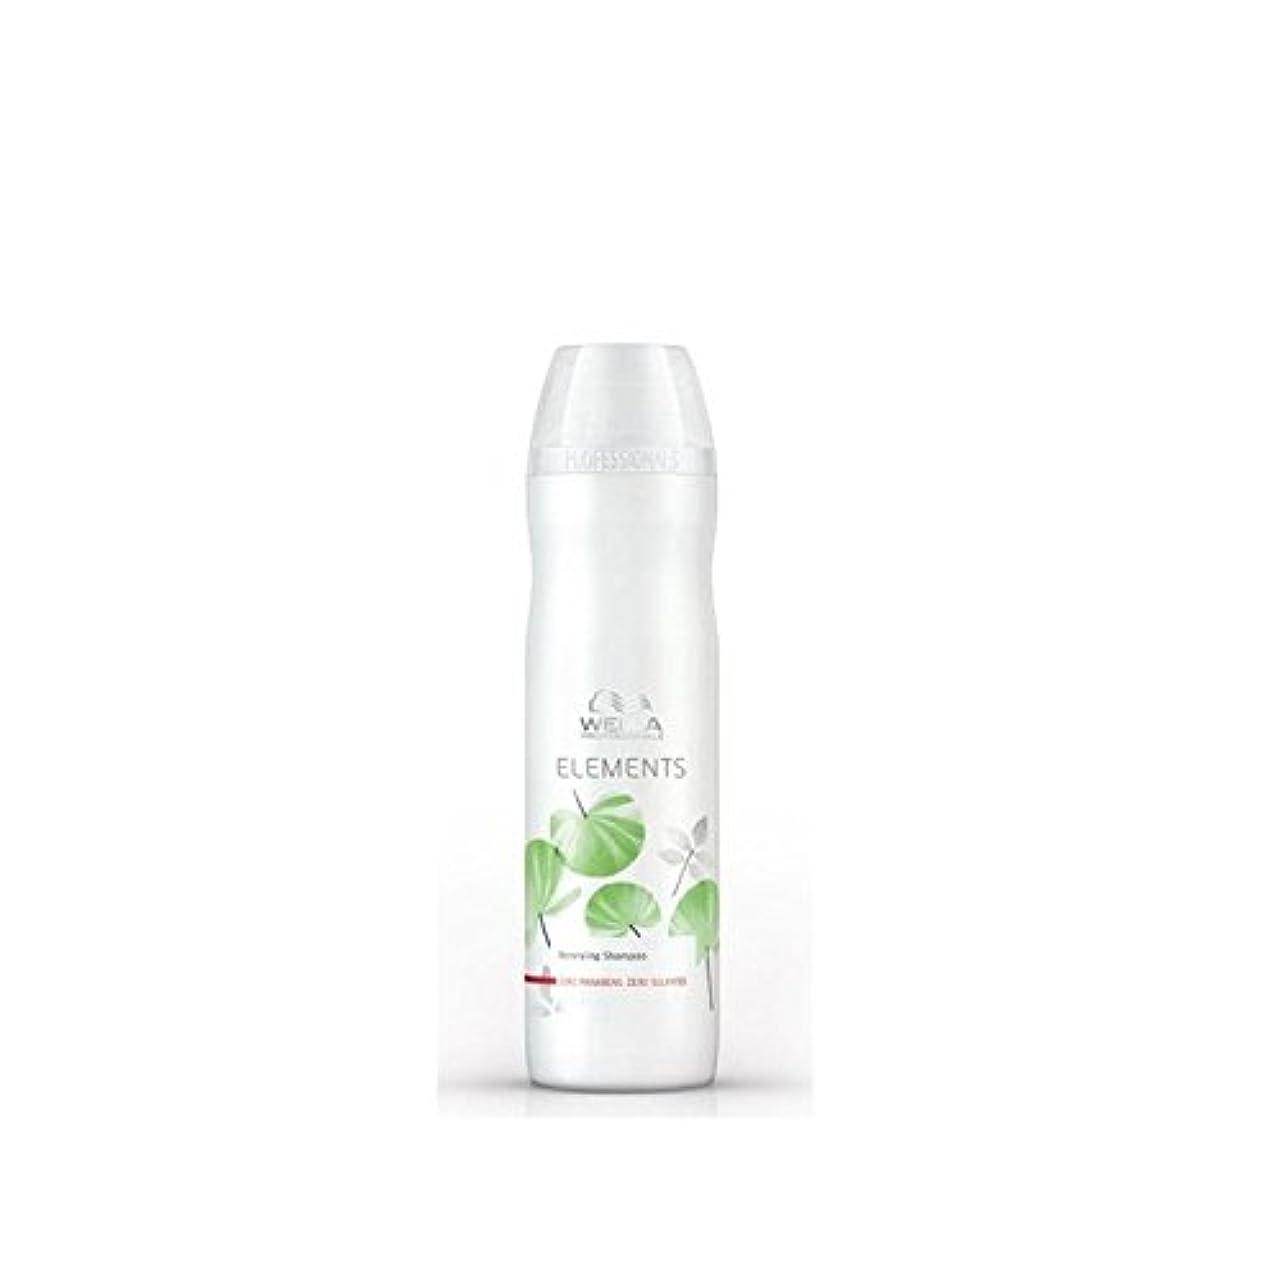 複製韓国語子猫シャンプーを更新ウエラ専門家の要素(250ミリリットル) x4 - Wella Professionals Elements Renew Shampoo (250ml) (Pack of 4) [並行輸入品]